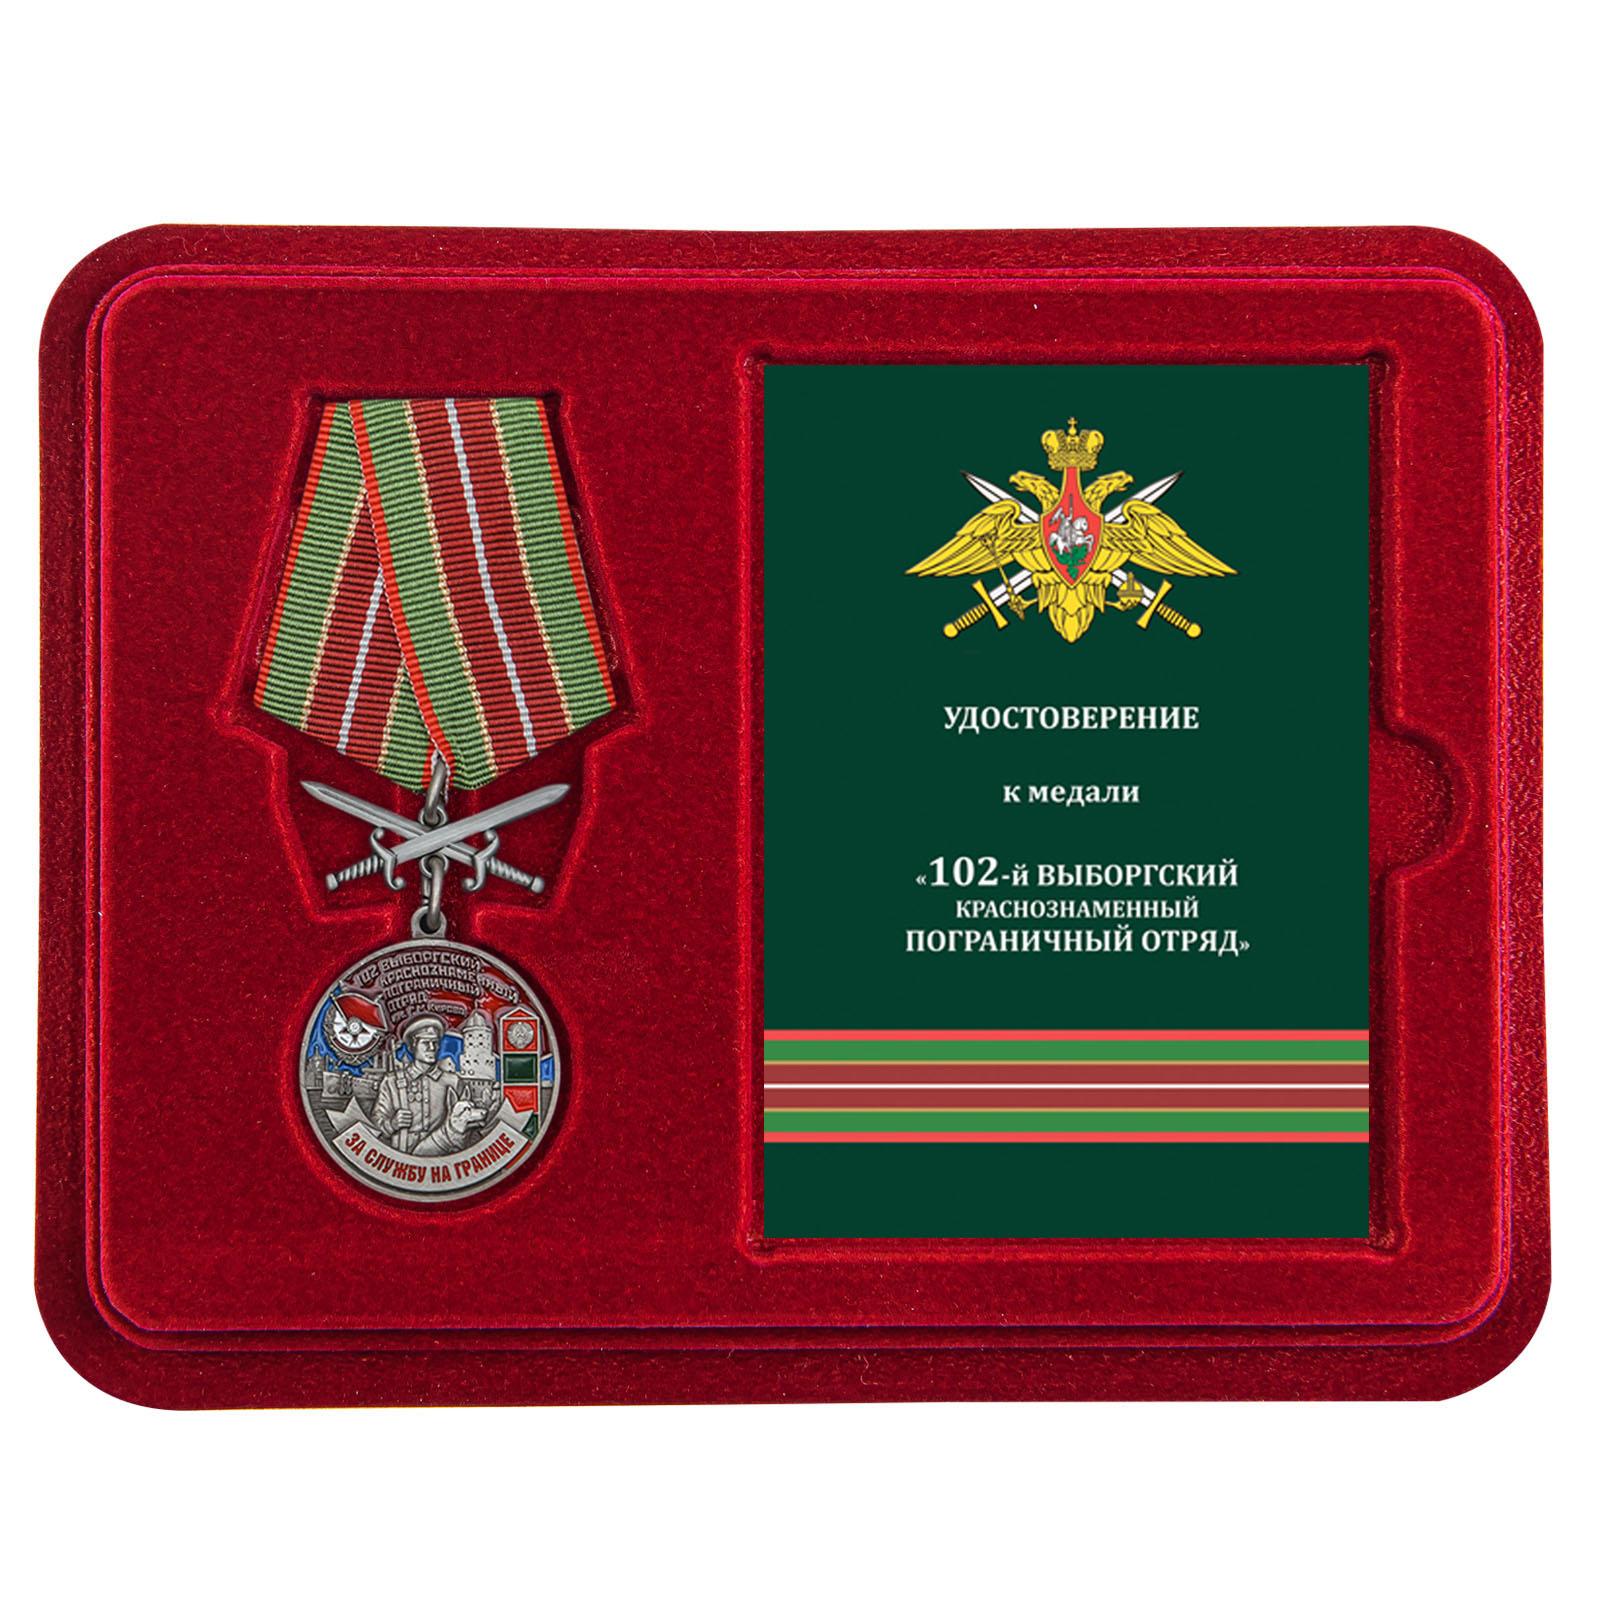 Наградная медаль За службу в Выборгском пограничном отряде - в футляре